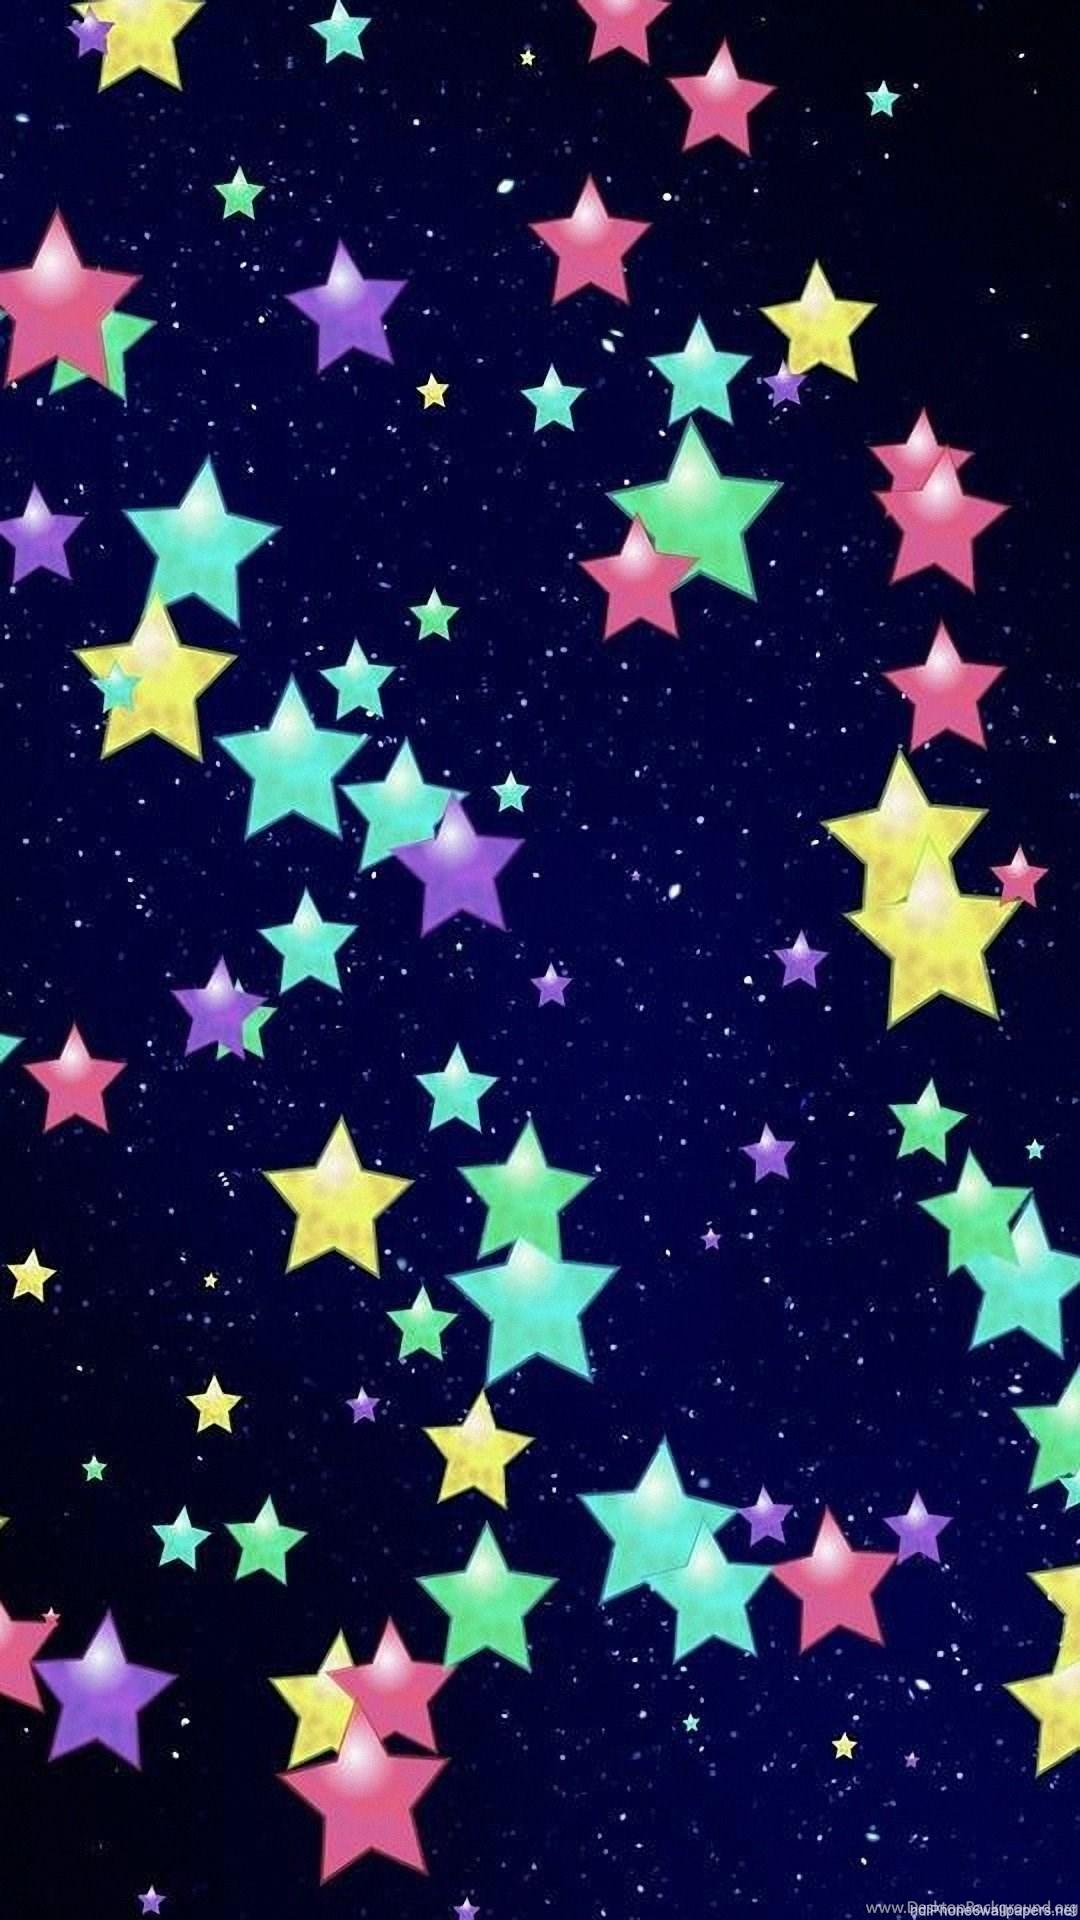 Картинка звезды на телефон